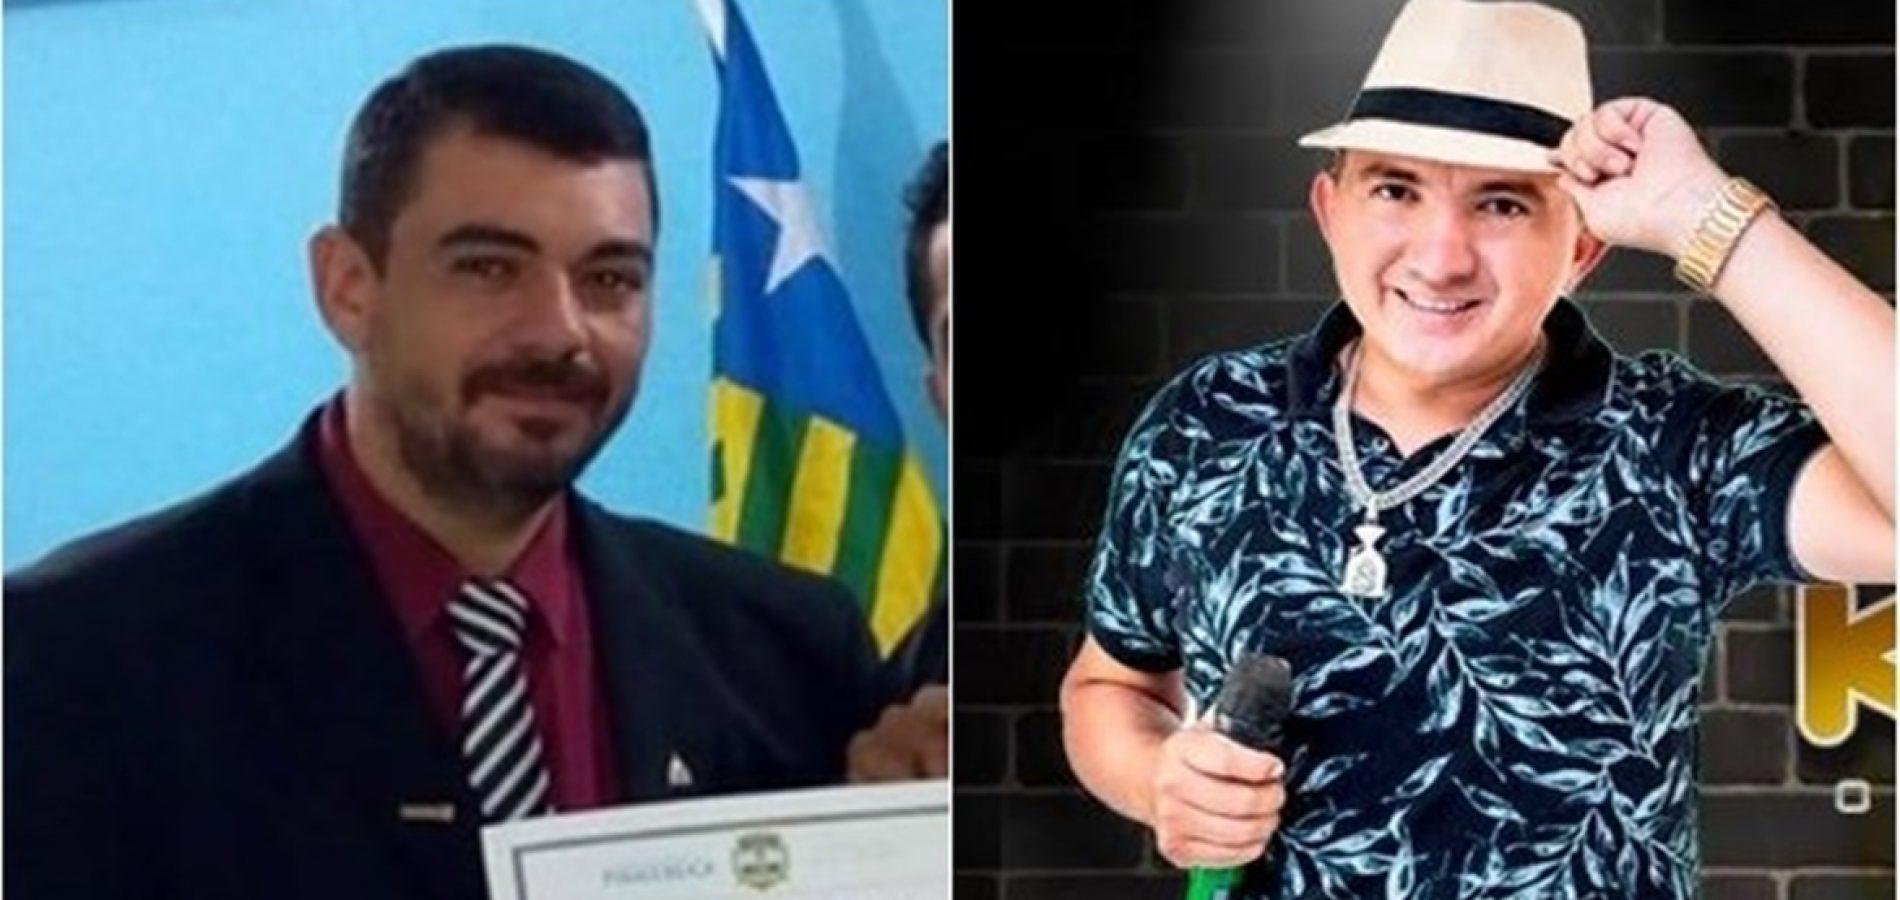 Vídeo: vereador e esposa sobem em palco e irritam cantor durante show no Piauí